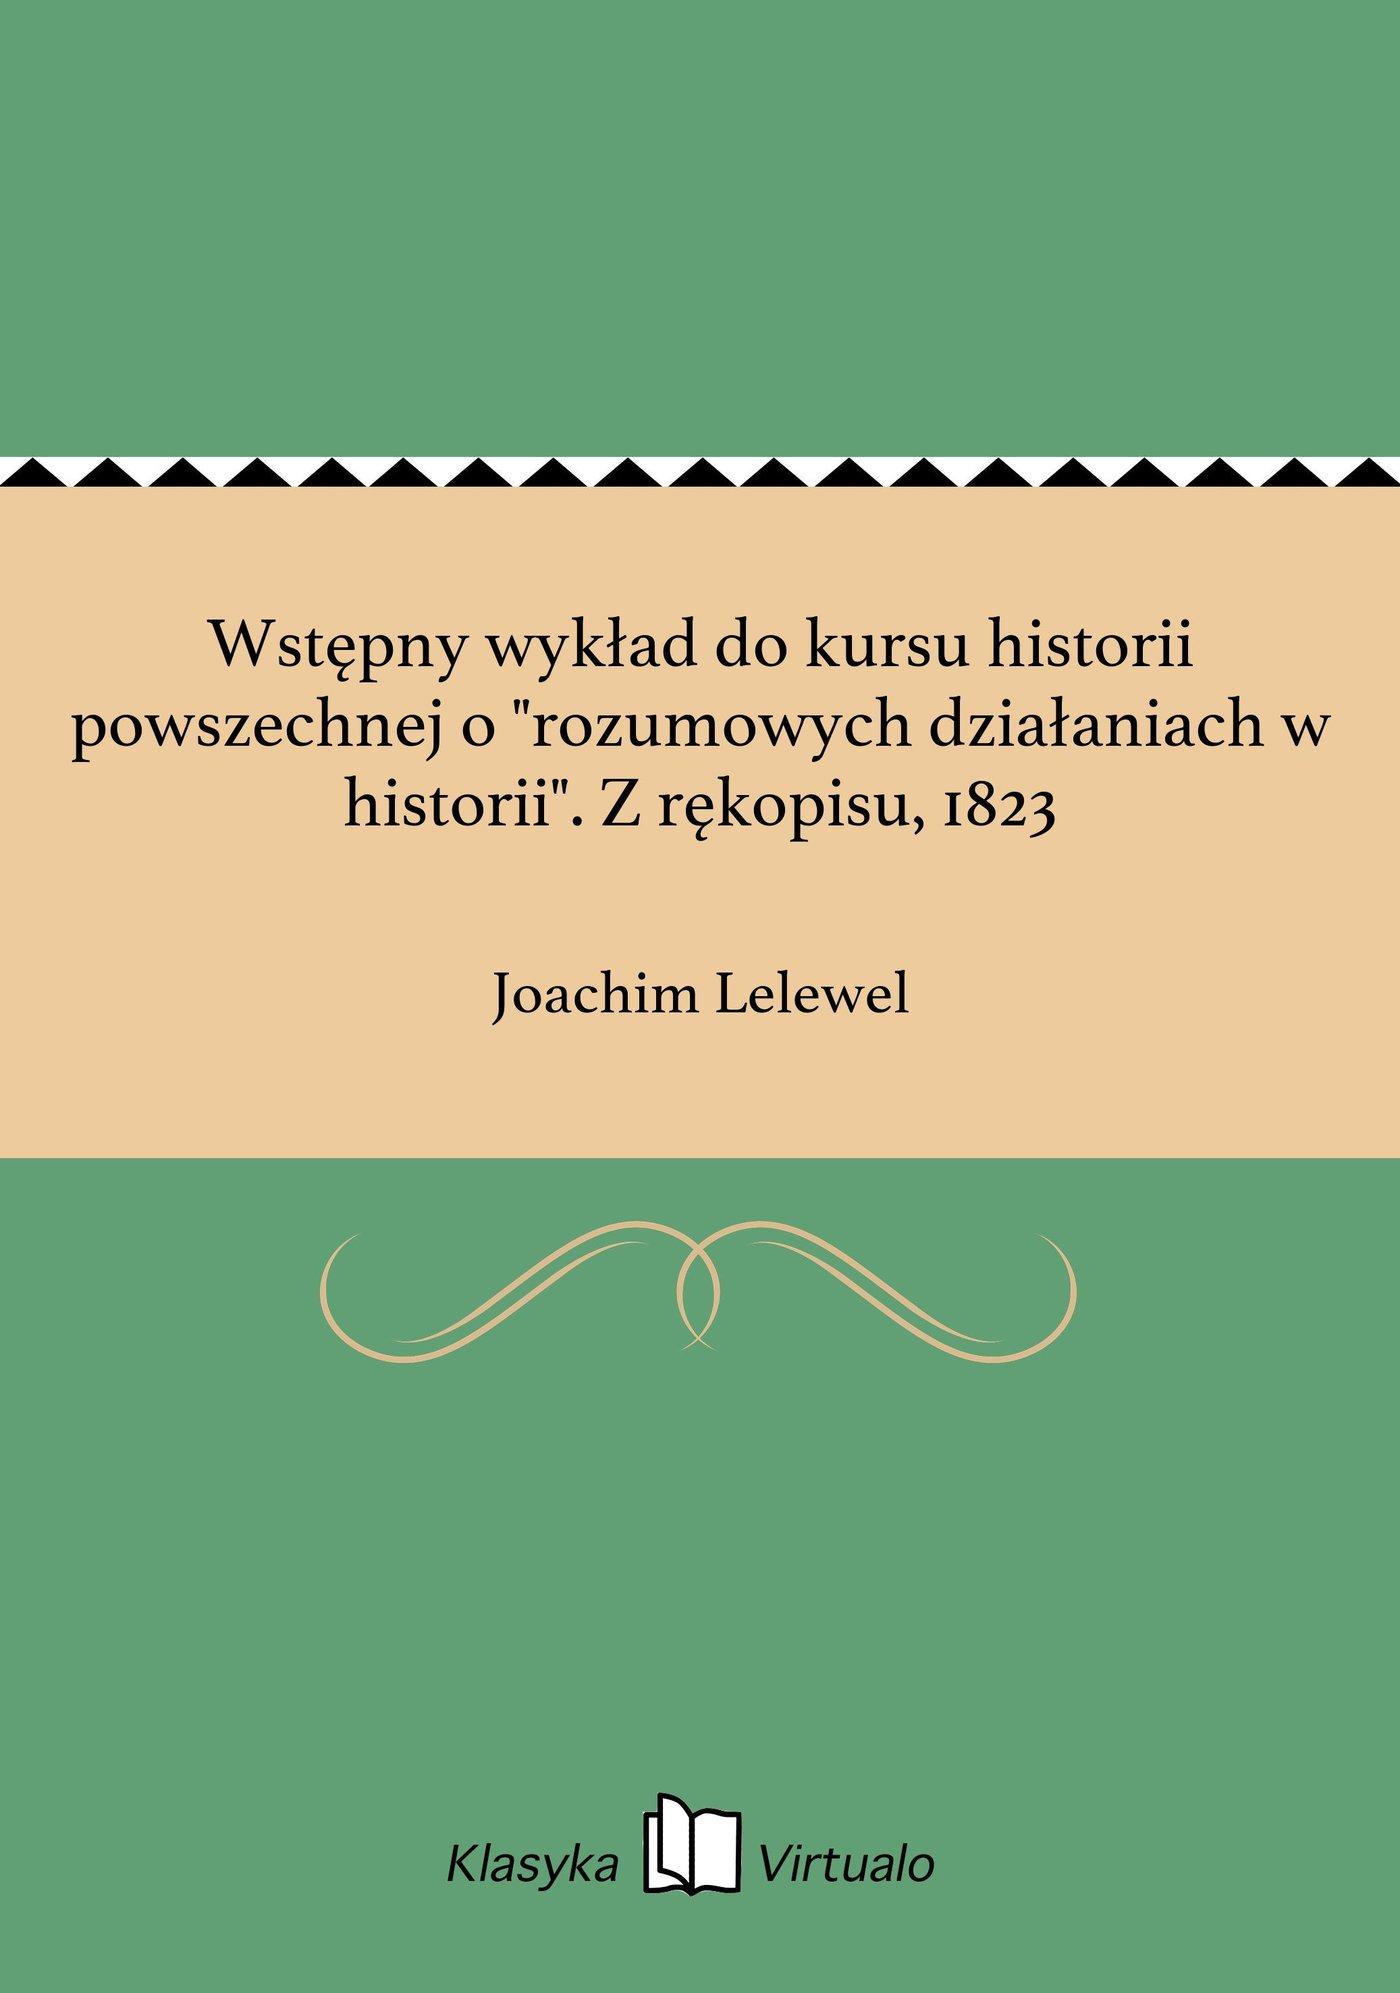 """Wstępny wykład do kursu historii powszechnej o """"rozumowych działaniach w historii"""". Z rękopisu, 1823 - Ebook (Książka EPUB) do pobrania w formacie EPUB"""